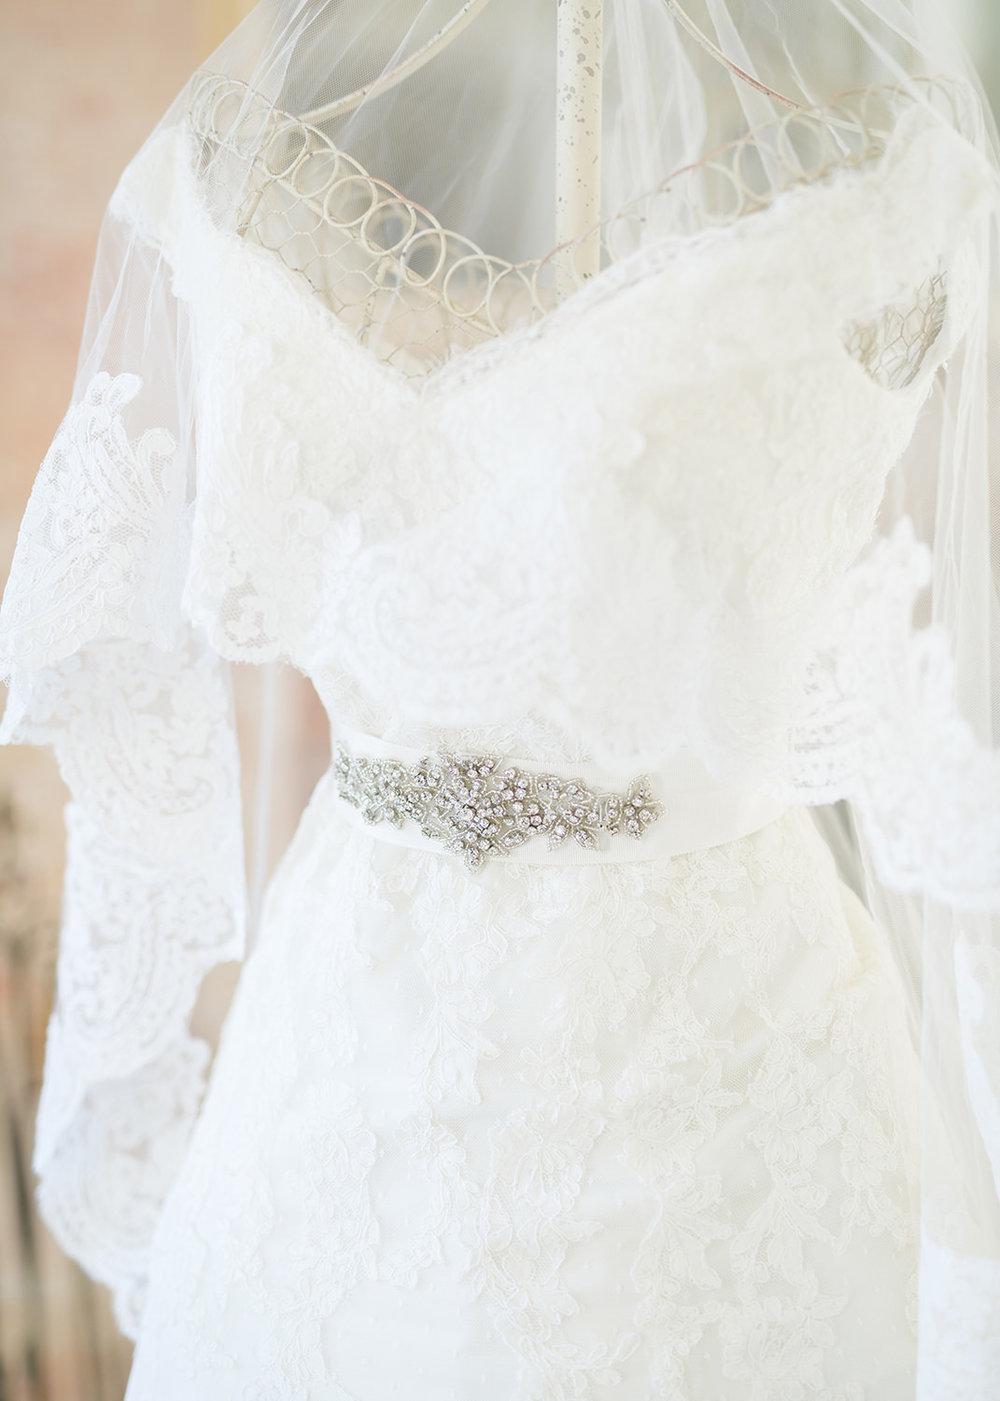 villa-regina-teodolinda-wedding-photographer-C&B-©bottega53-8.JPG